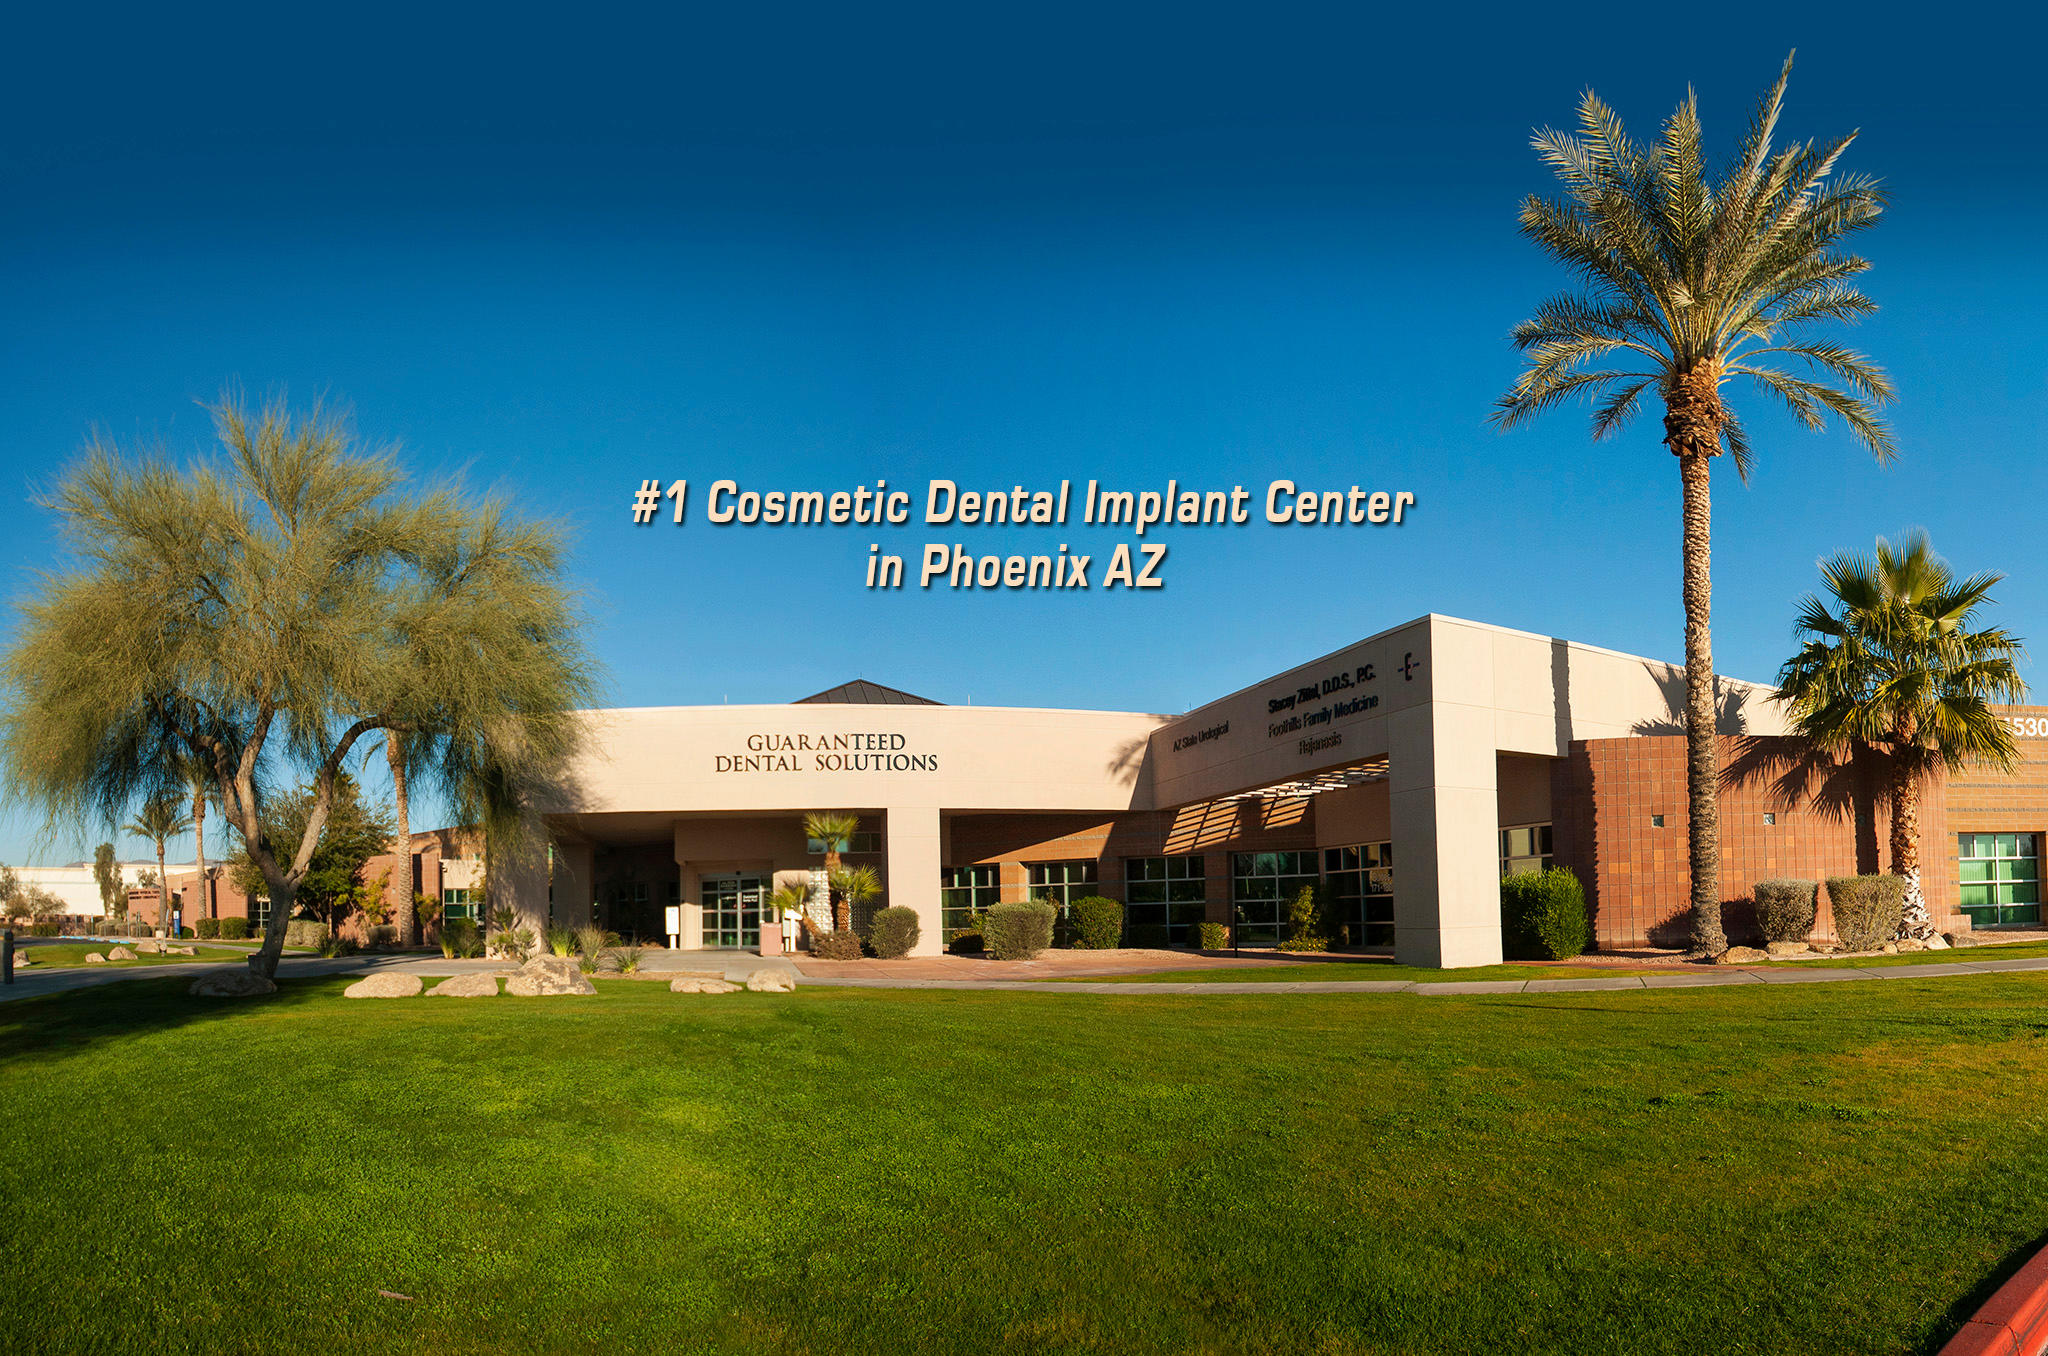 Guaranteed Dental Solutions image 0